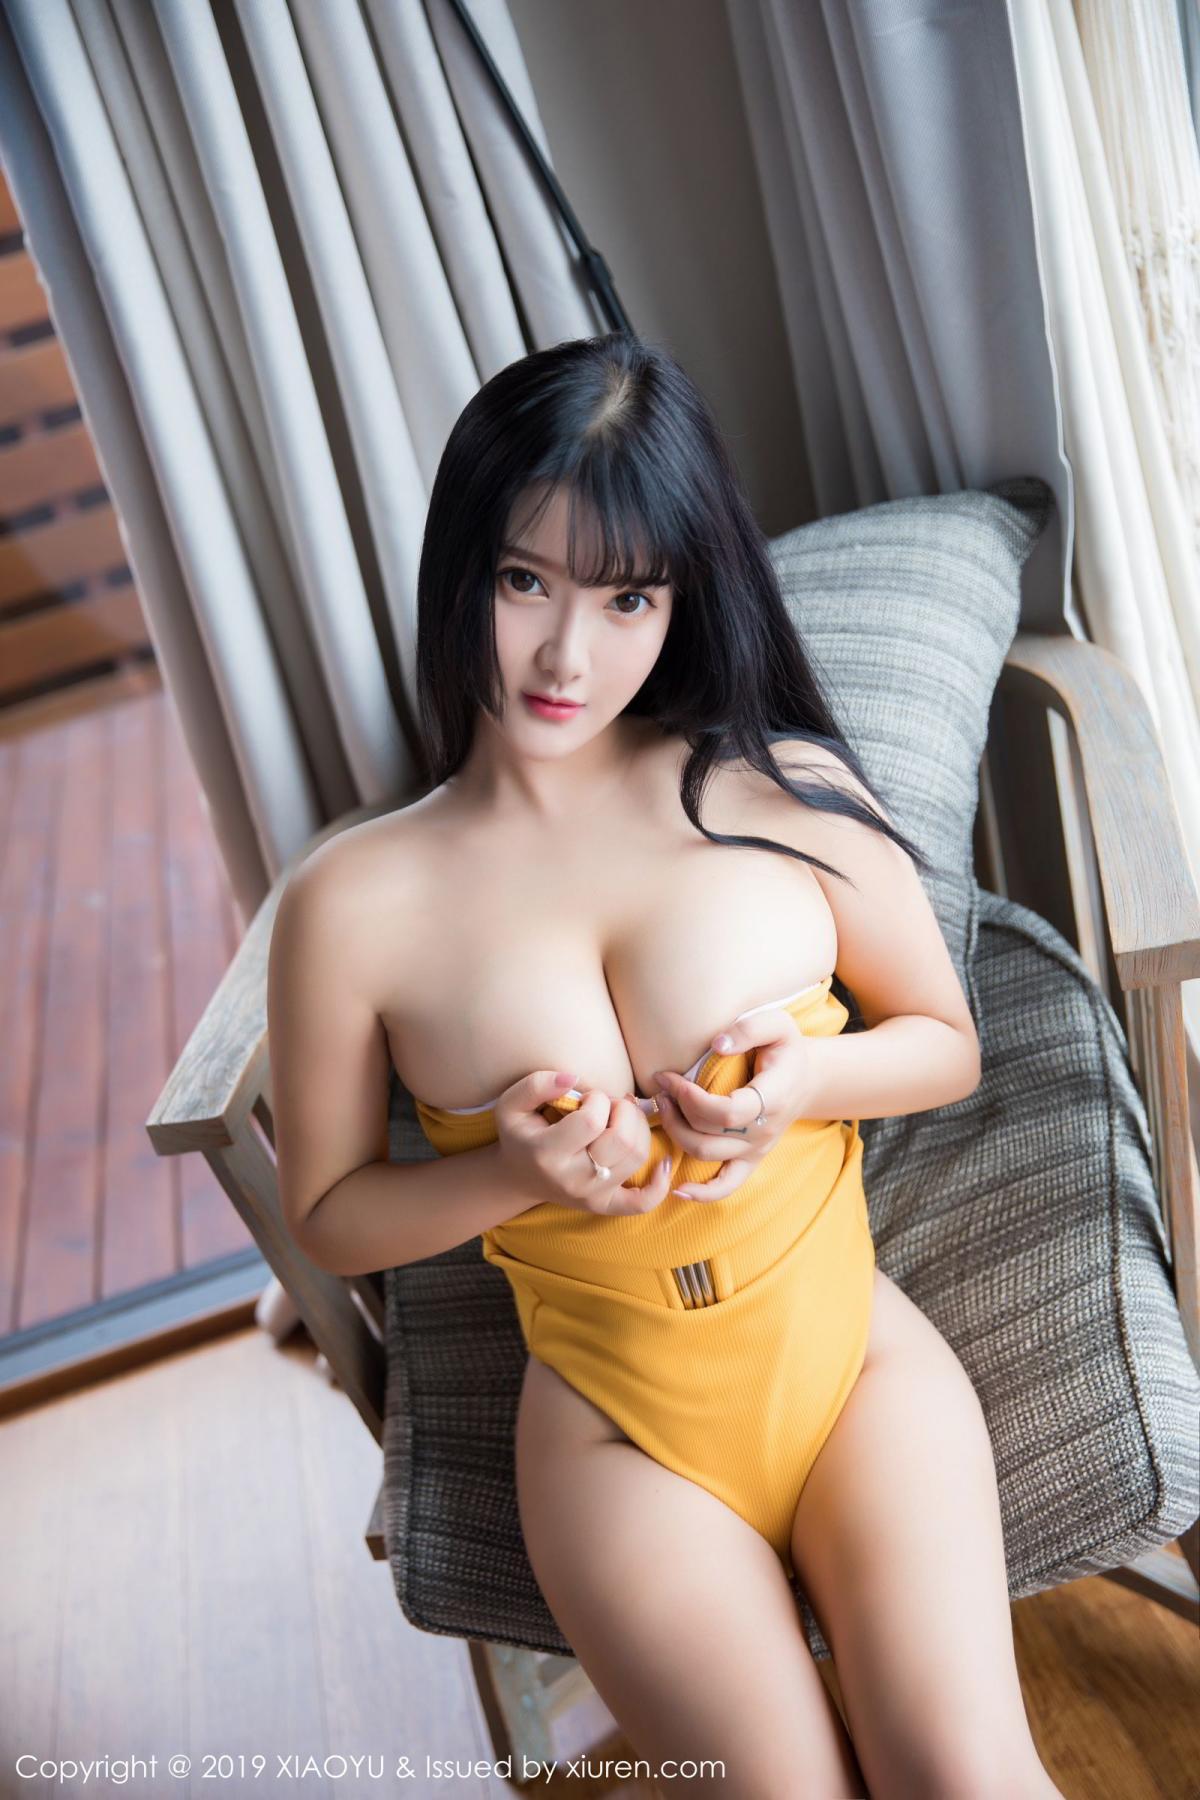 [XiaoYu] Vol.111 Lu Lu Xiao Miao 6P, Cute, Lu Lu Xiao Miao, Underwear, XiaoYu